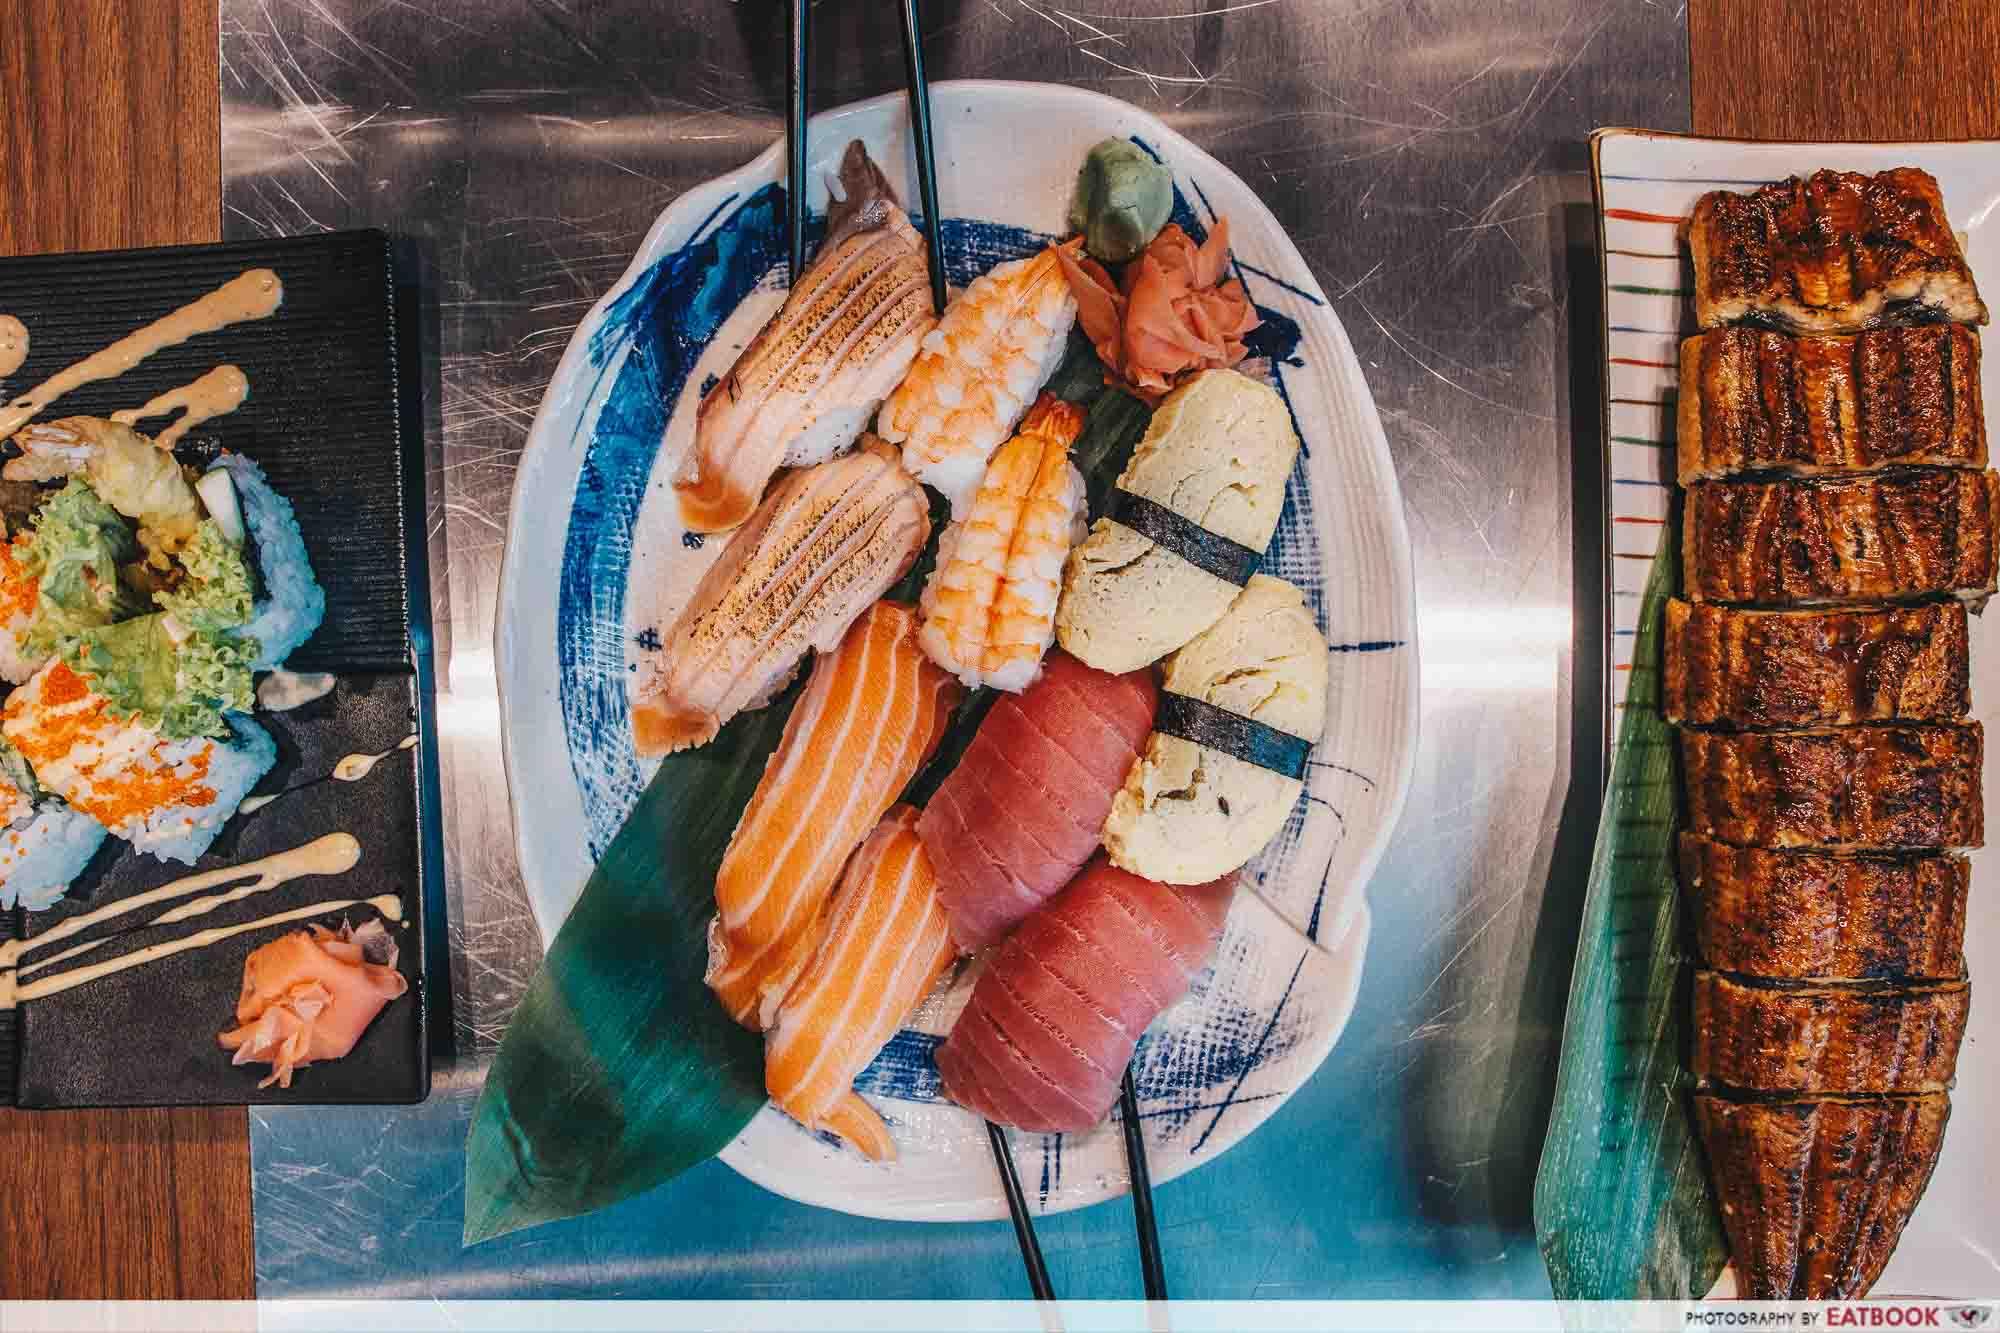 New Restaurants September 2018 - Yakiniku Ohji Sushi Buffet